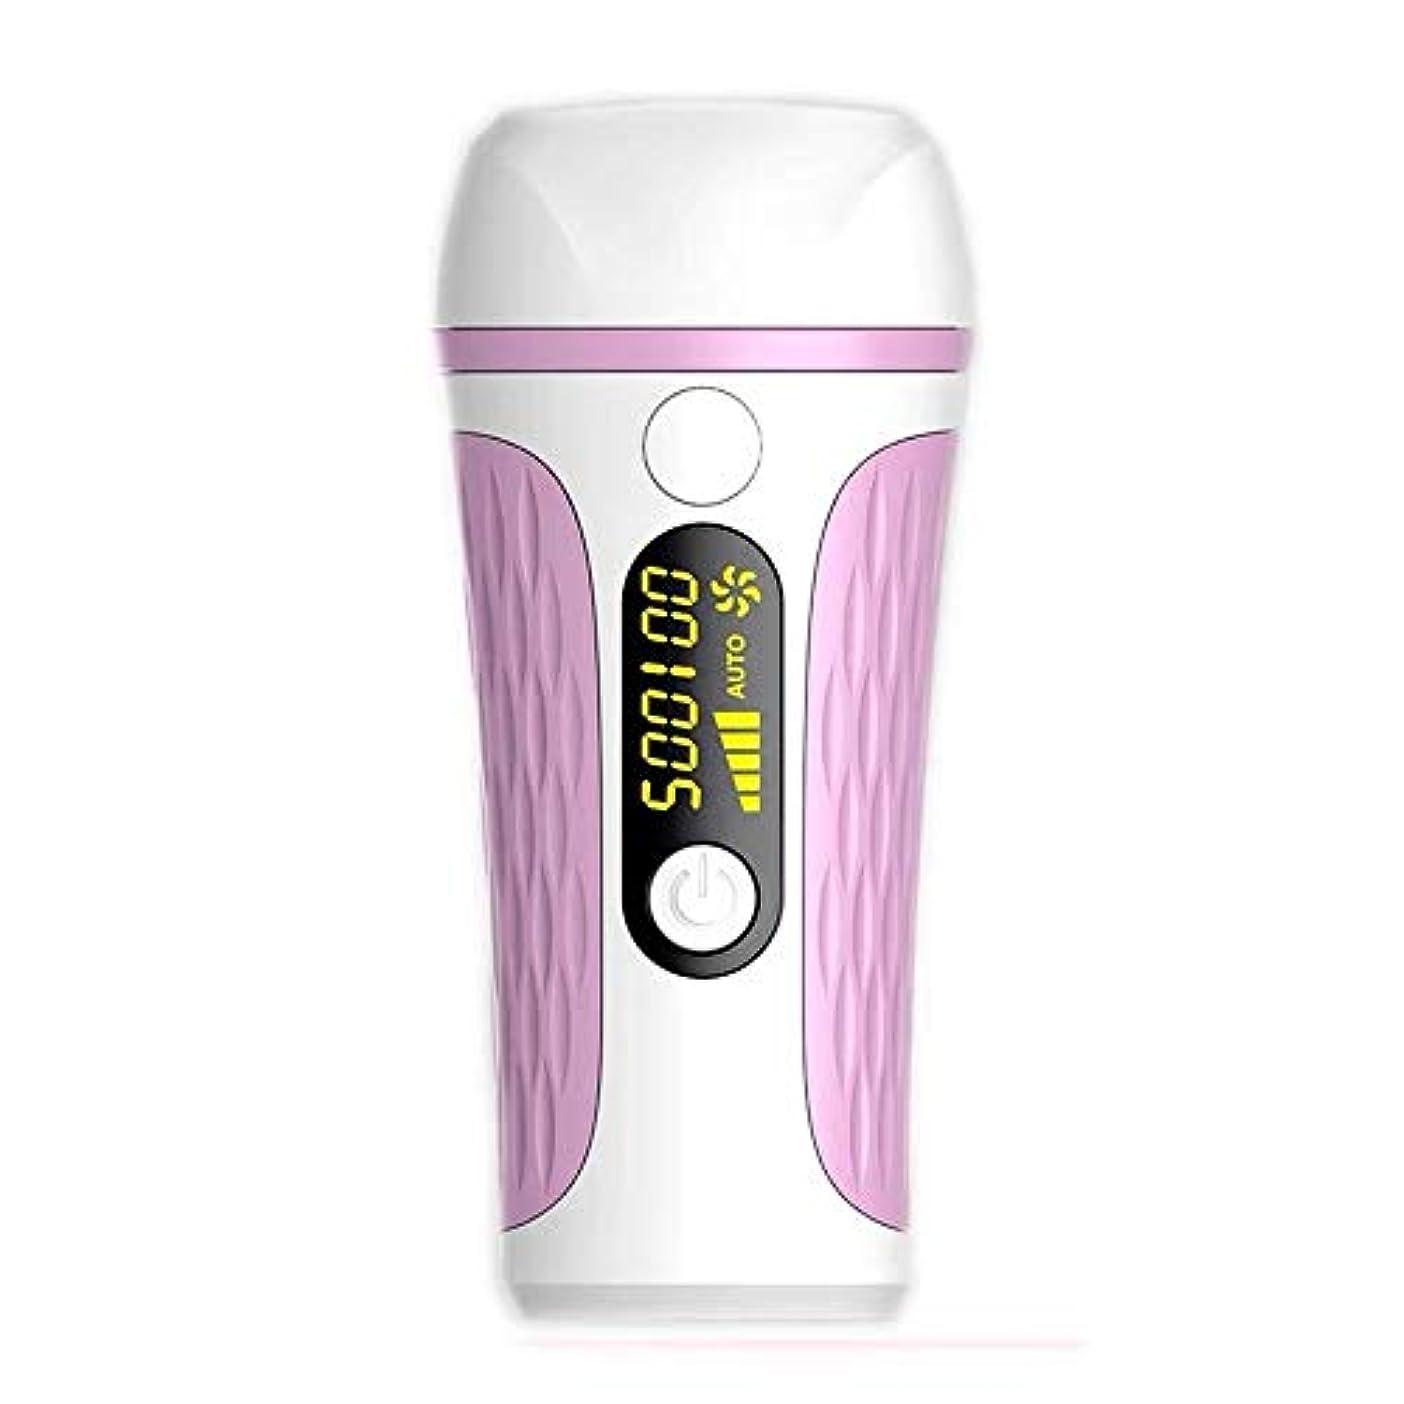 主婦雰囲気隔離Xihouxian 携帯用コールドポイント痛みのない毛の除去剤、自動、手動、2つのモード、LCDディスプレイ、5スピード調整、サイズ14.5 X 6.7 X 19 Cm D40